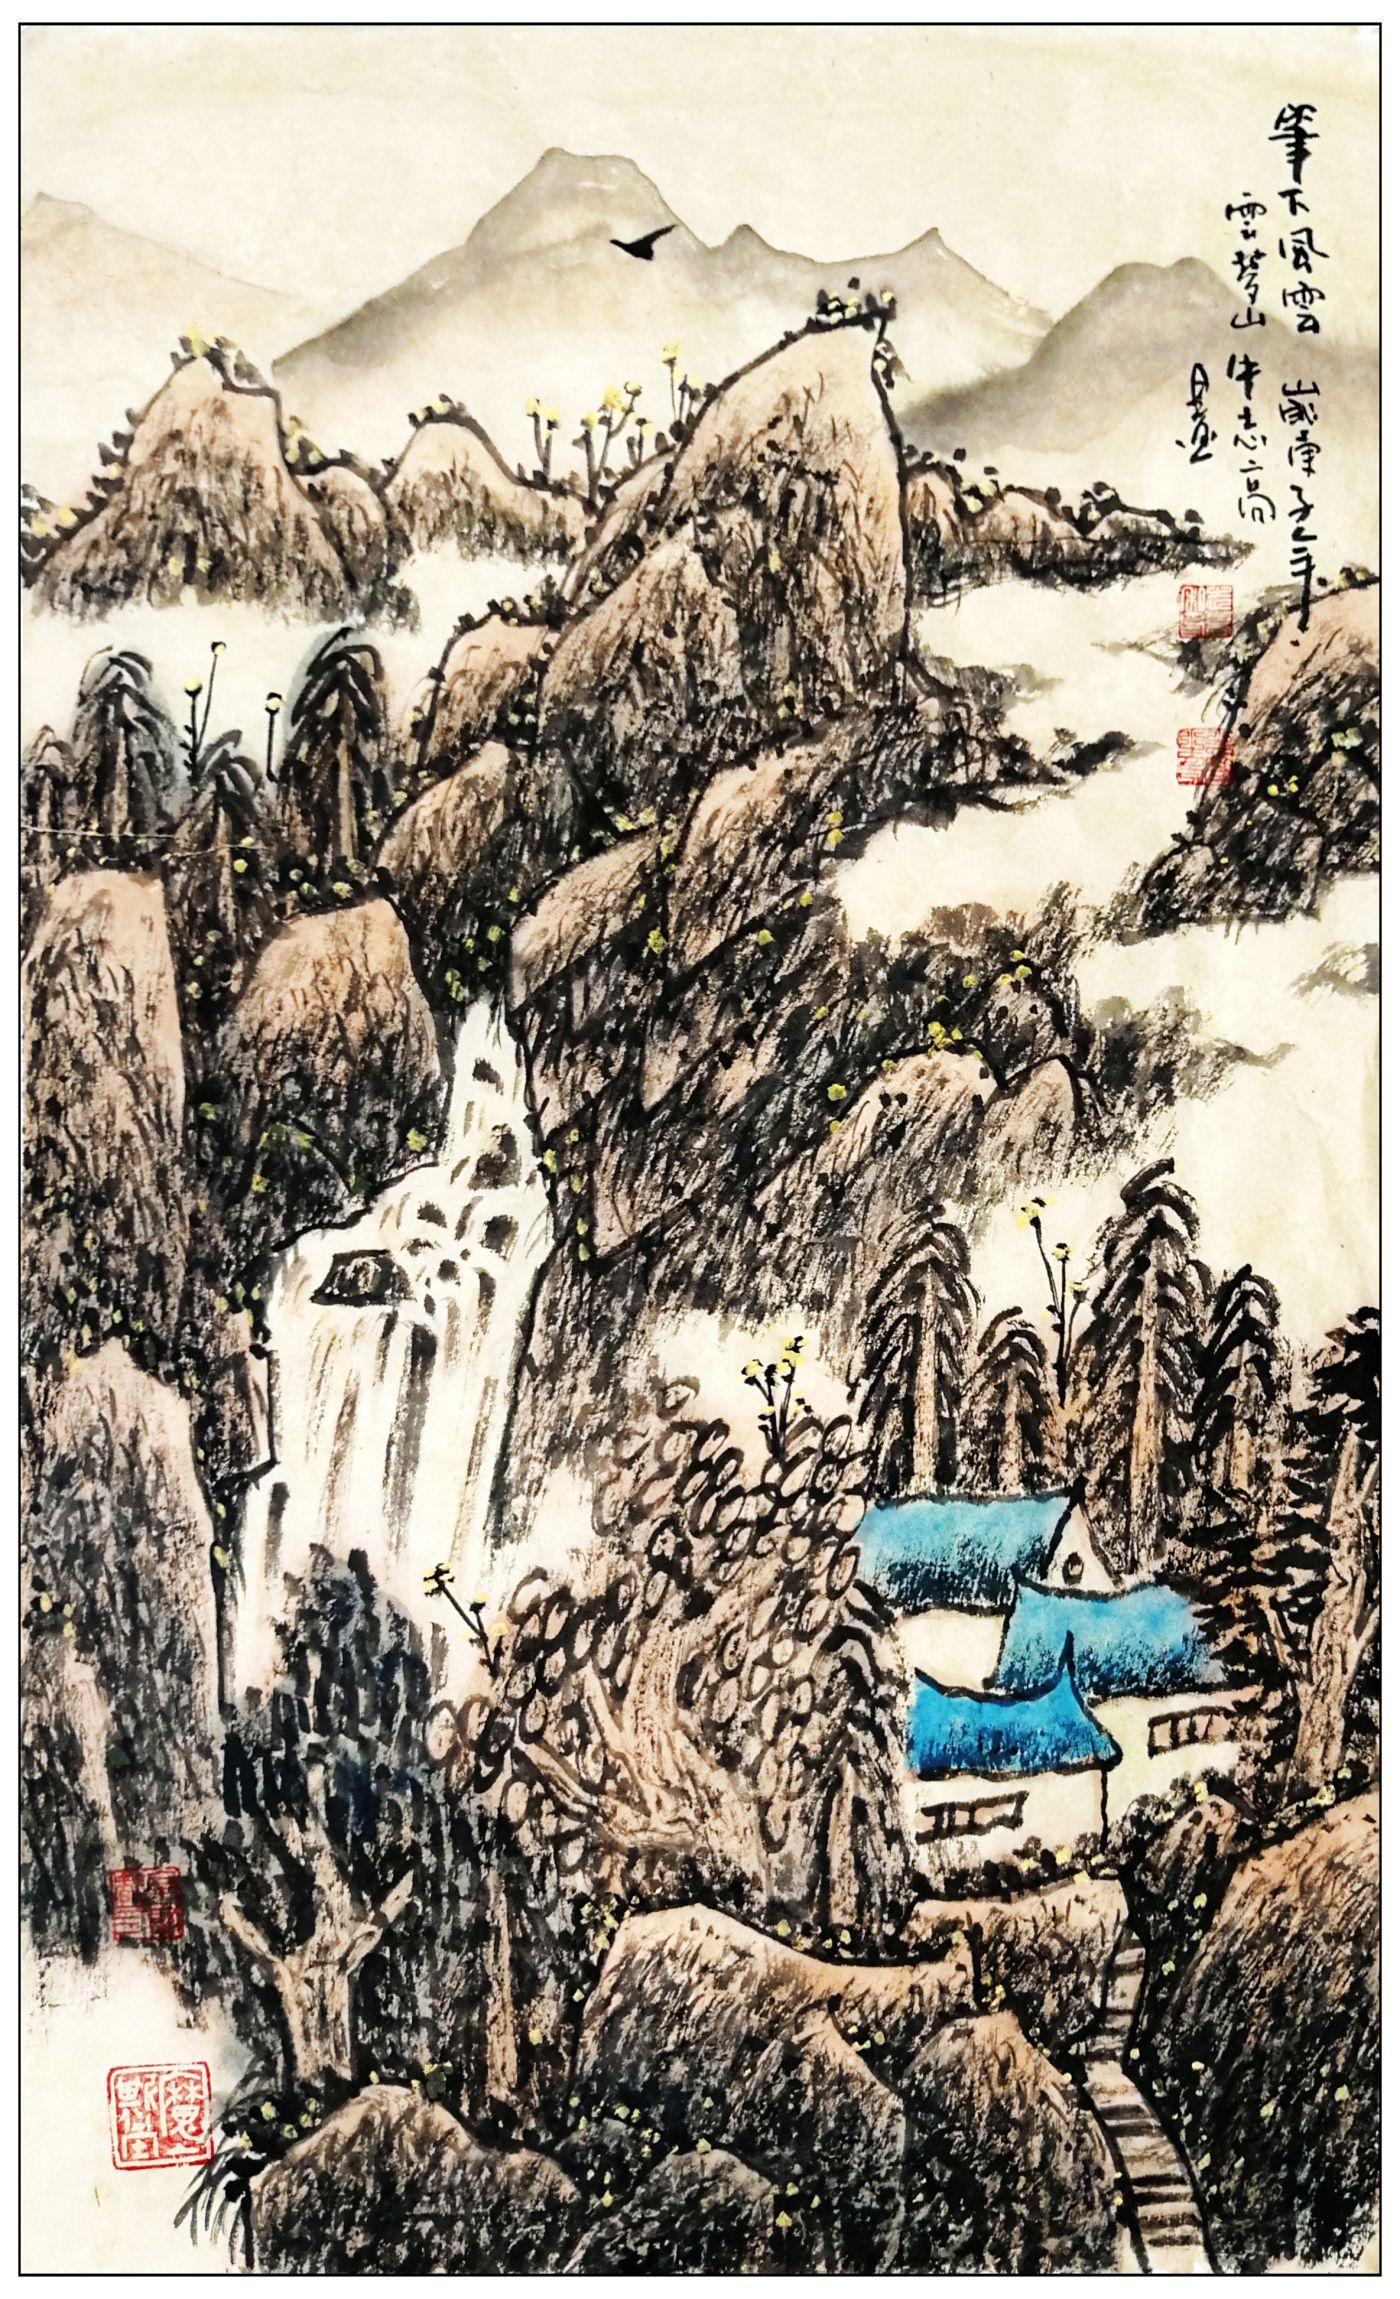 牛志高2020山水画新作-----2020.8.1_图1-3